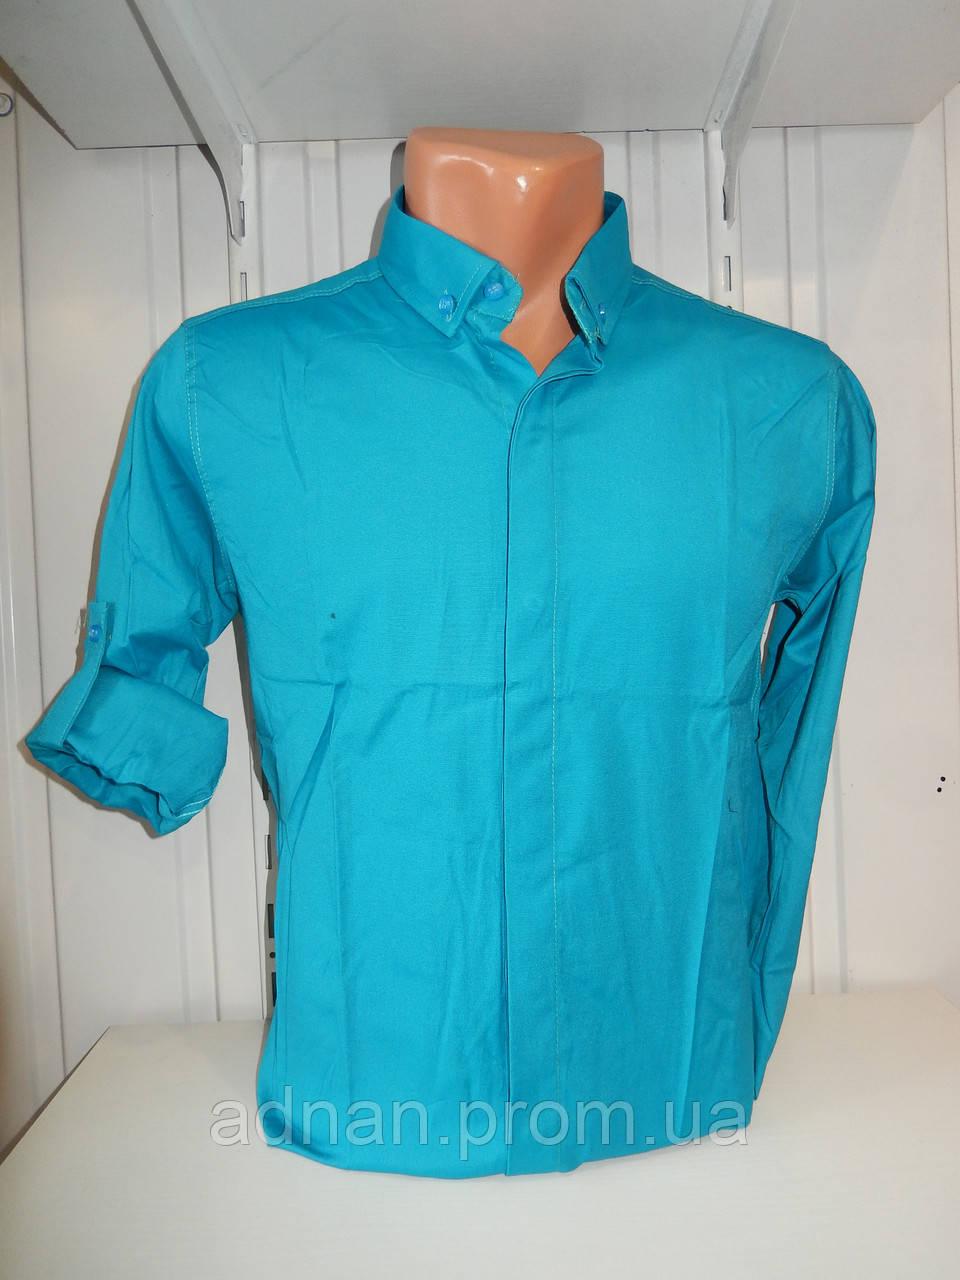 Сорочка чоловіча, рукав трансформер, однотонна, стрейч 005\ купити сорочку